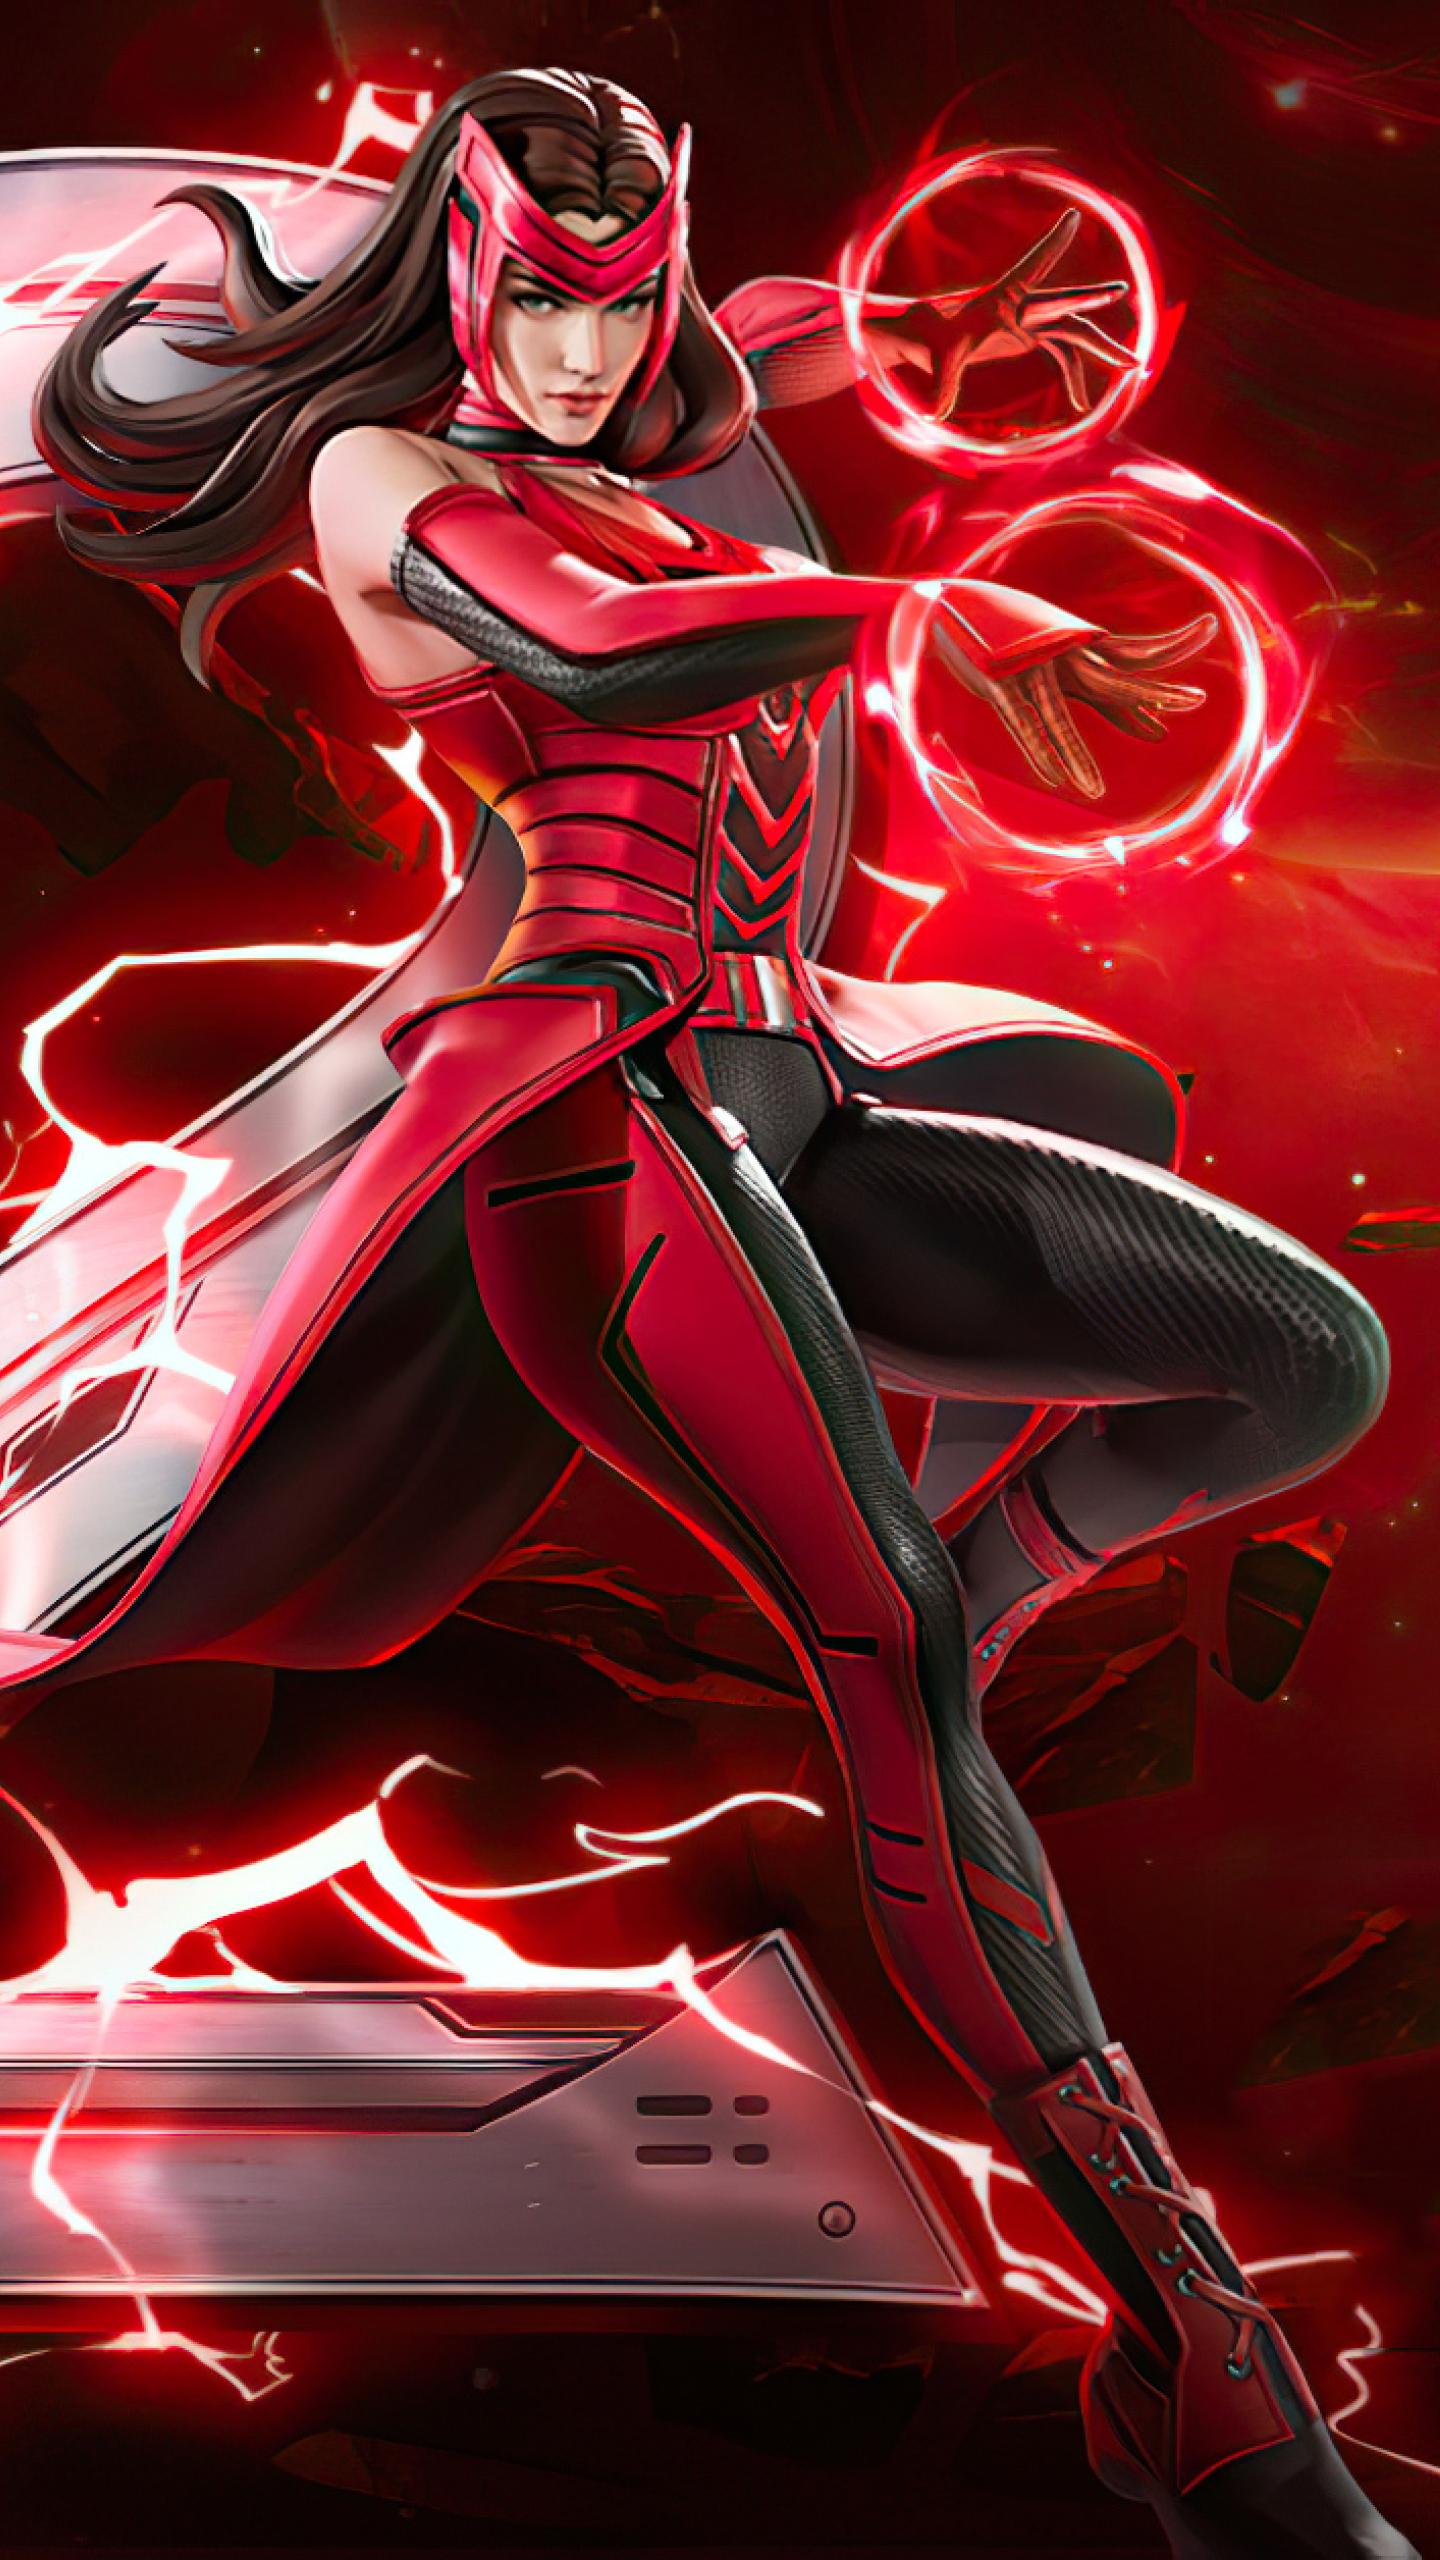 1440x2560 Scarlet Witch Marvel Super War Samsung Galaxy S6